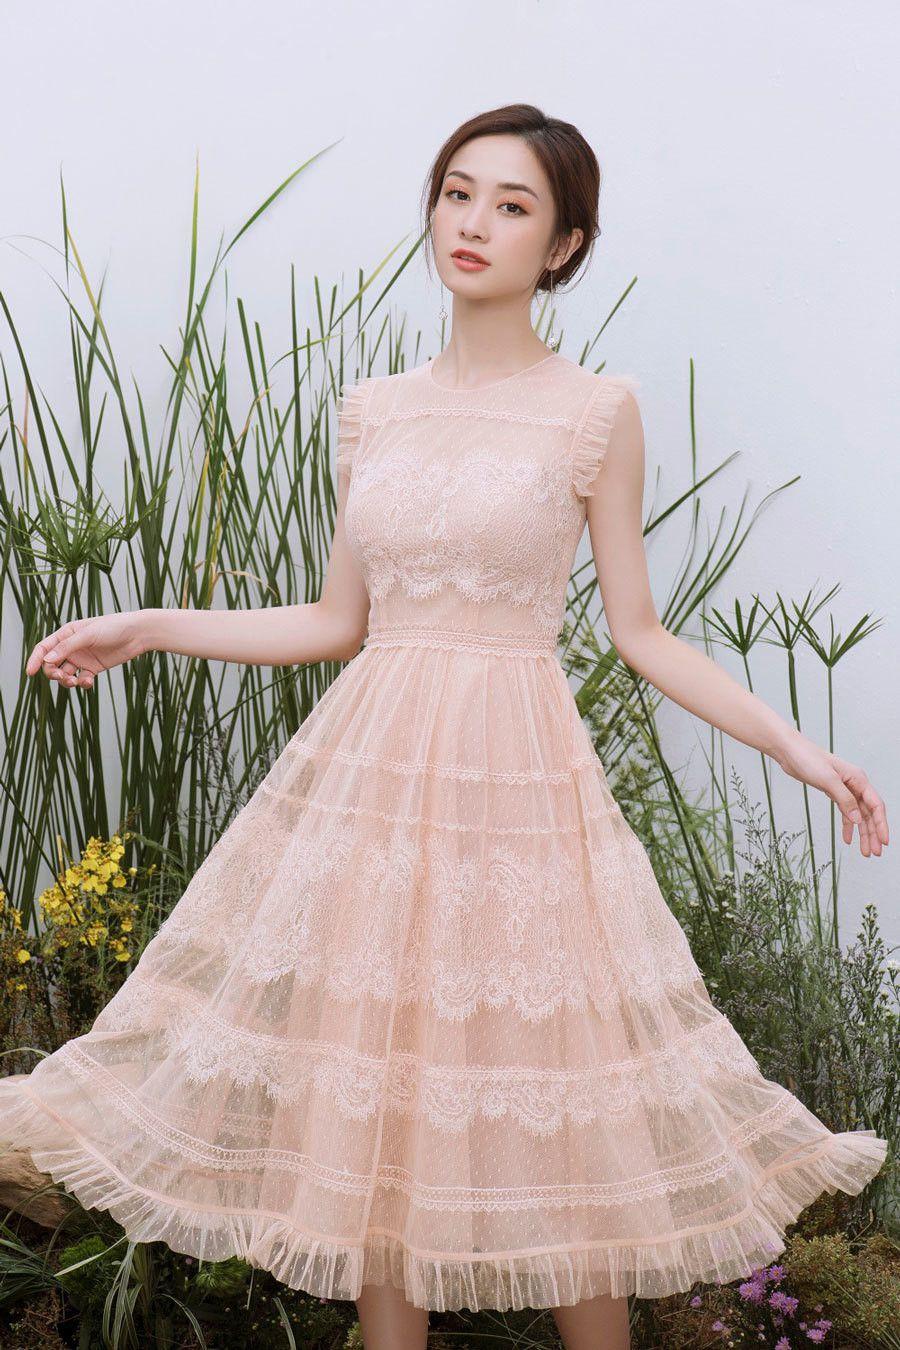 Guu thời trang đẹp tinh khôi của người đẹp Jun Vũ Ảnh 2